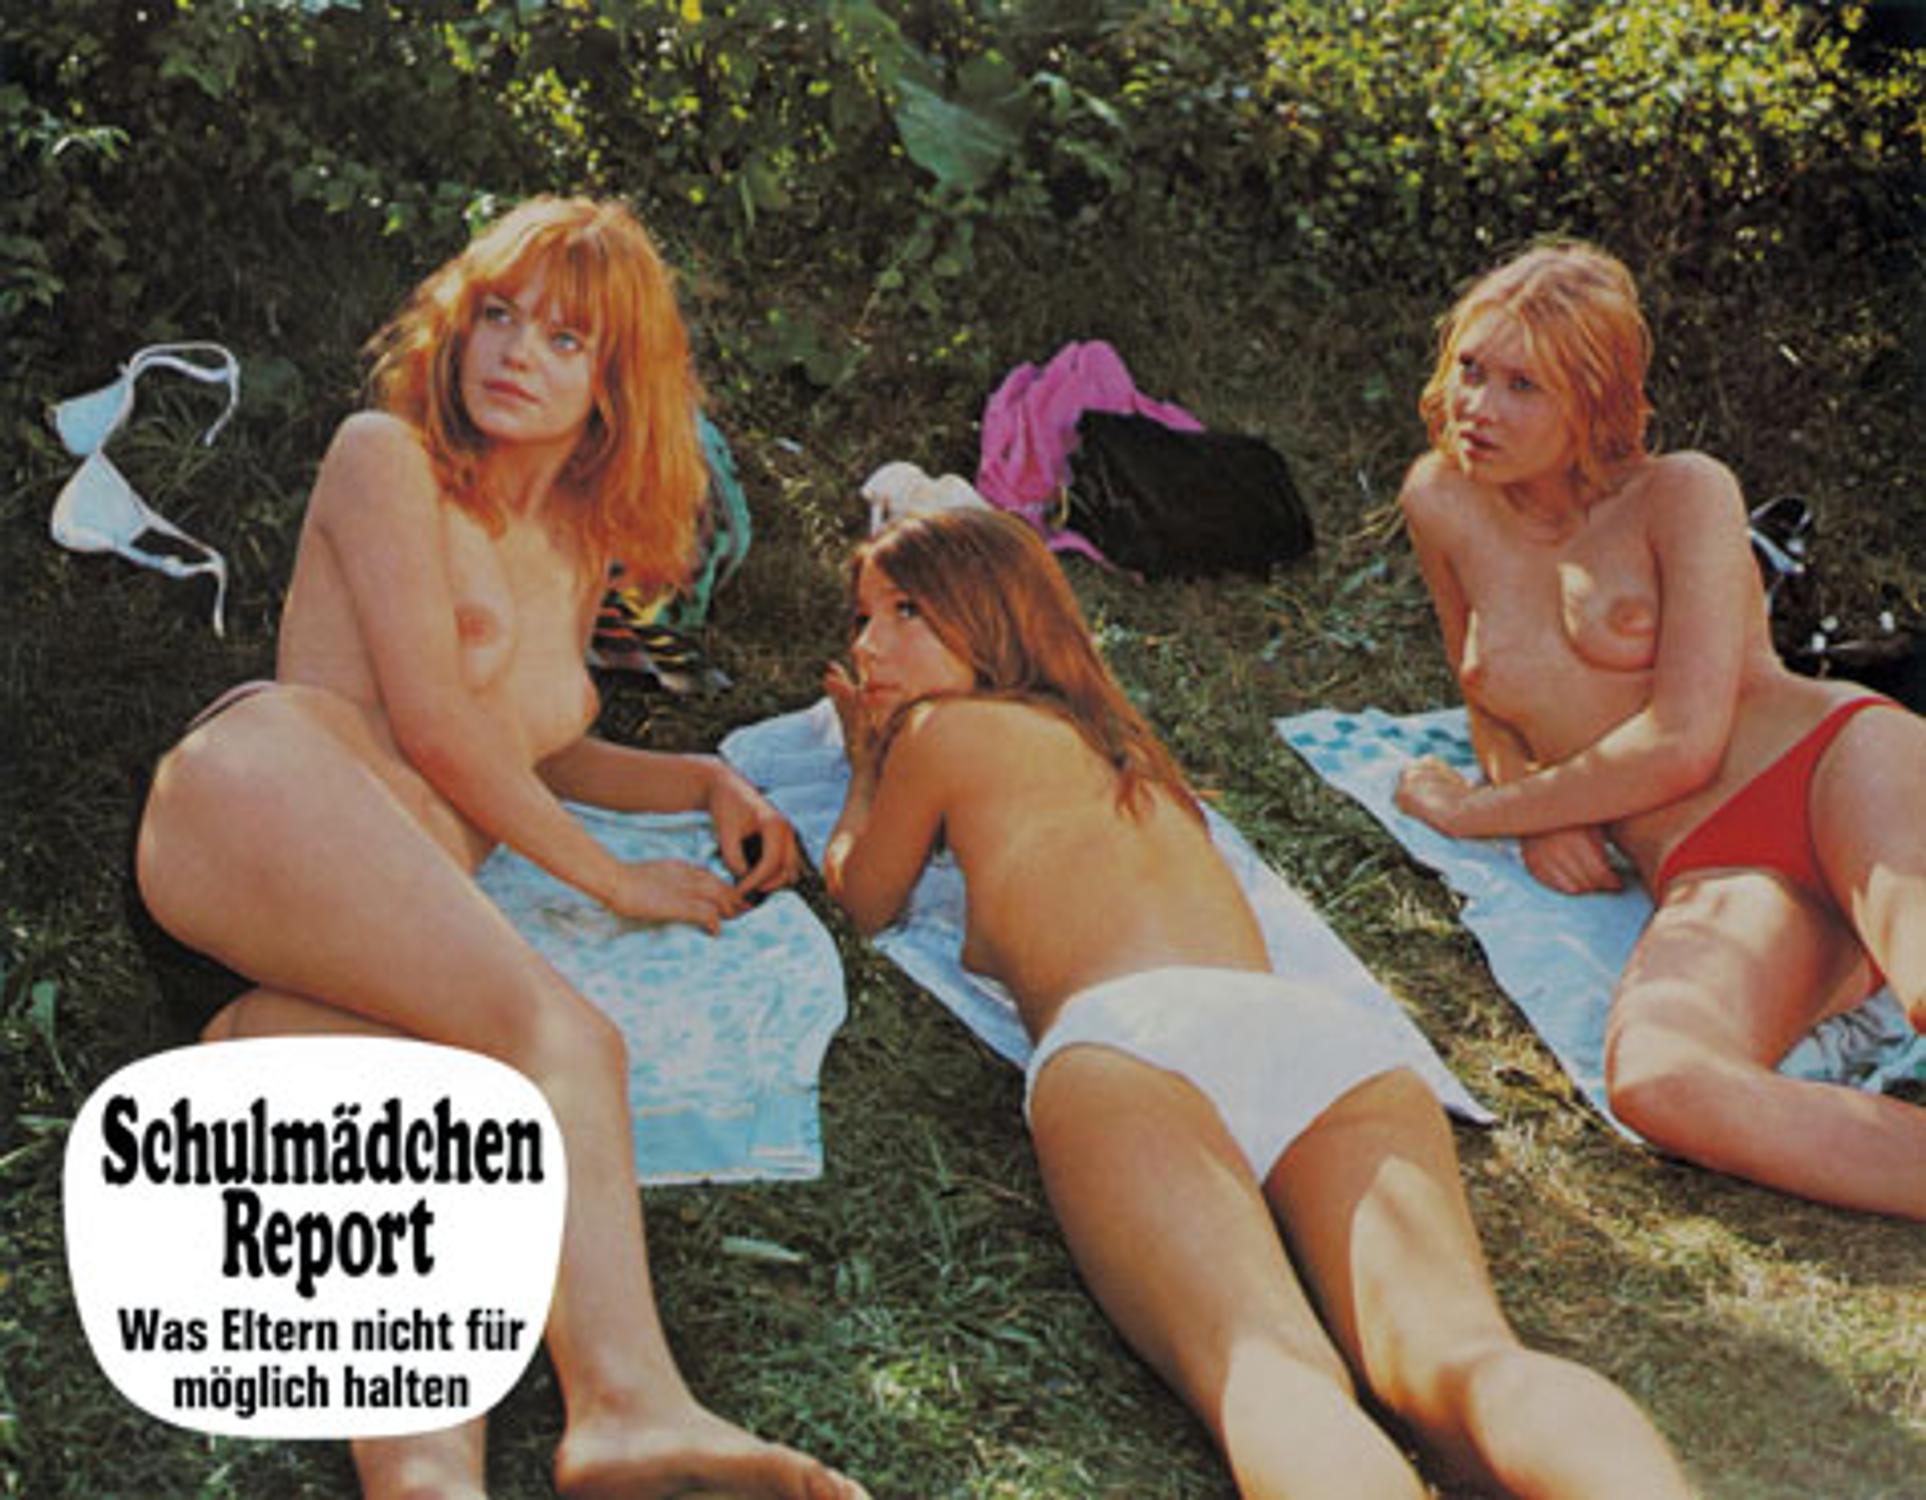 Deutsche sexfilme 70er